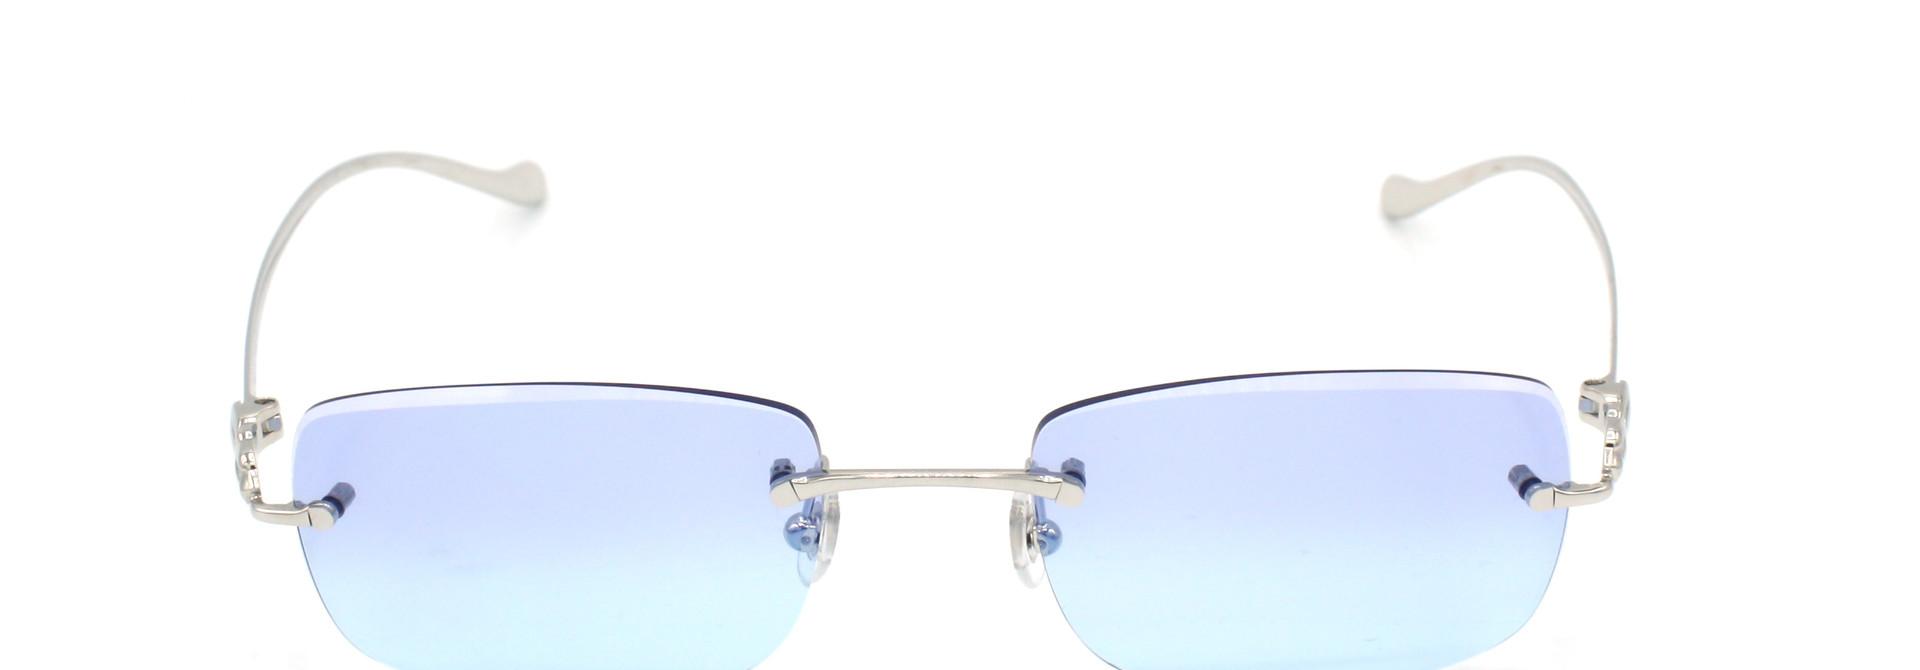 Cartier - CT0061O - 003 - Ocean Diamond Cut